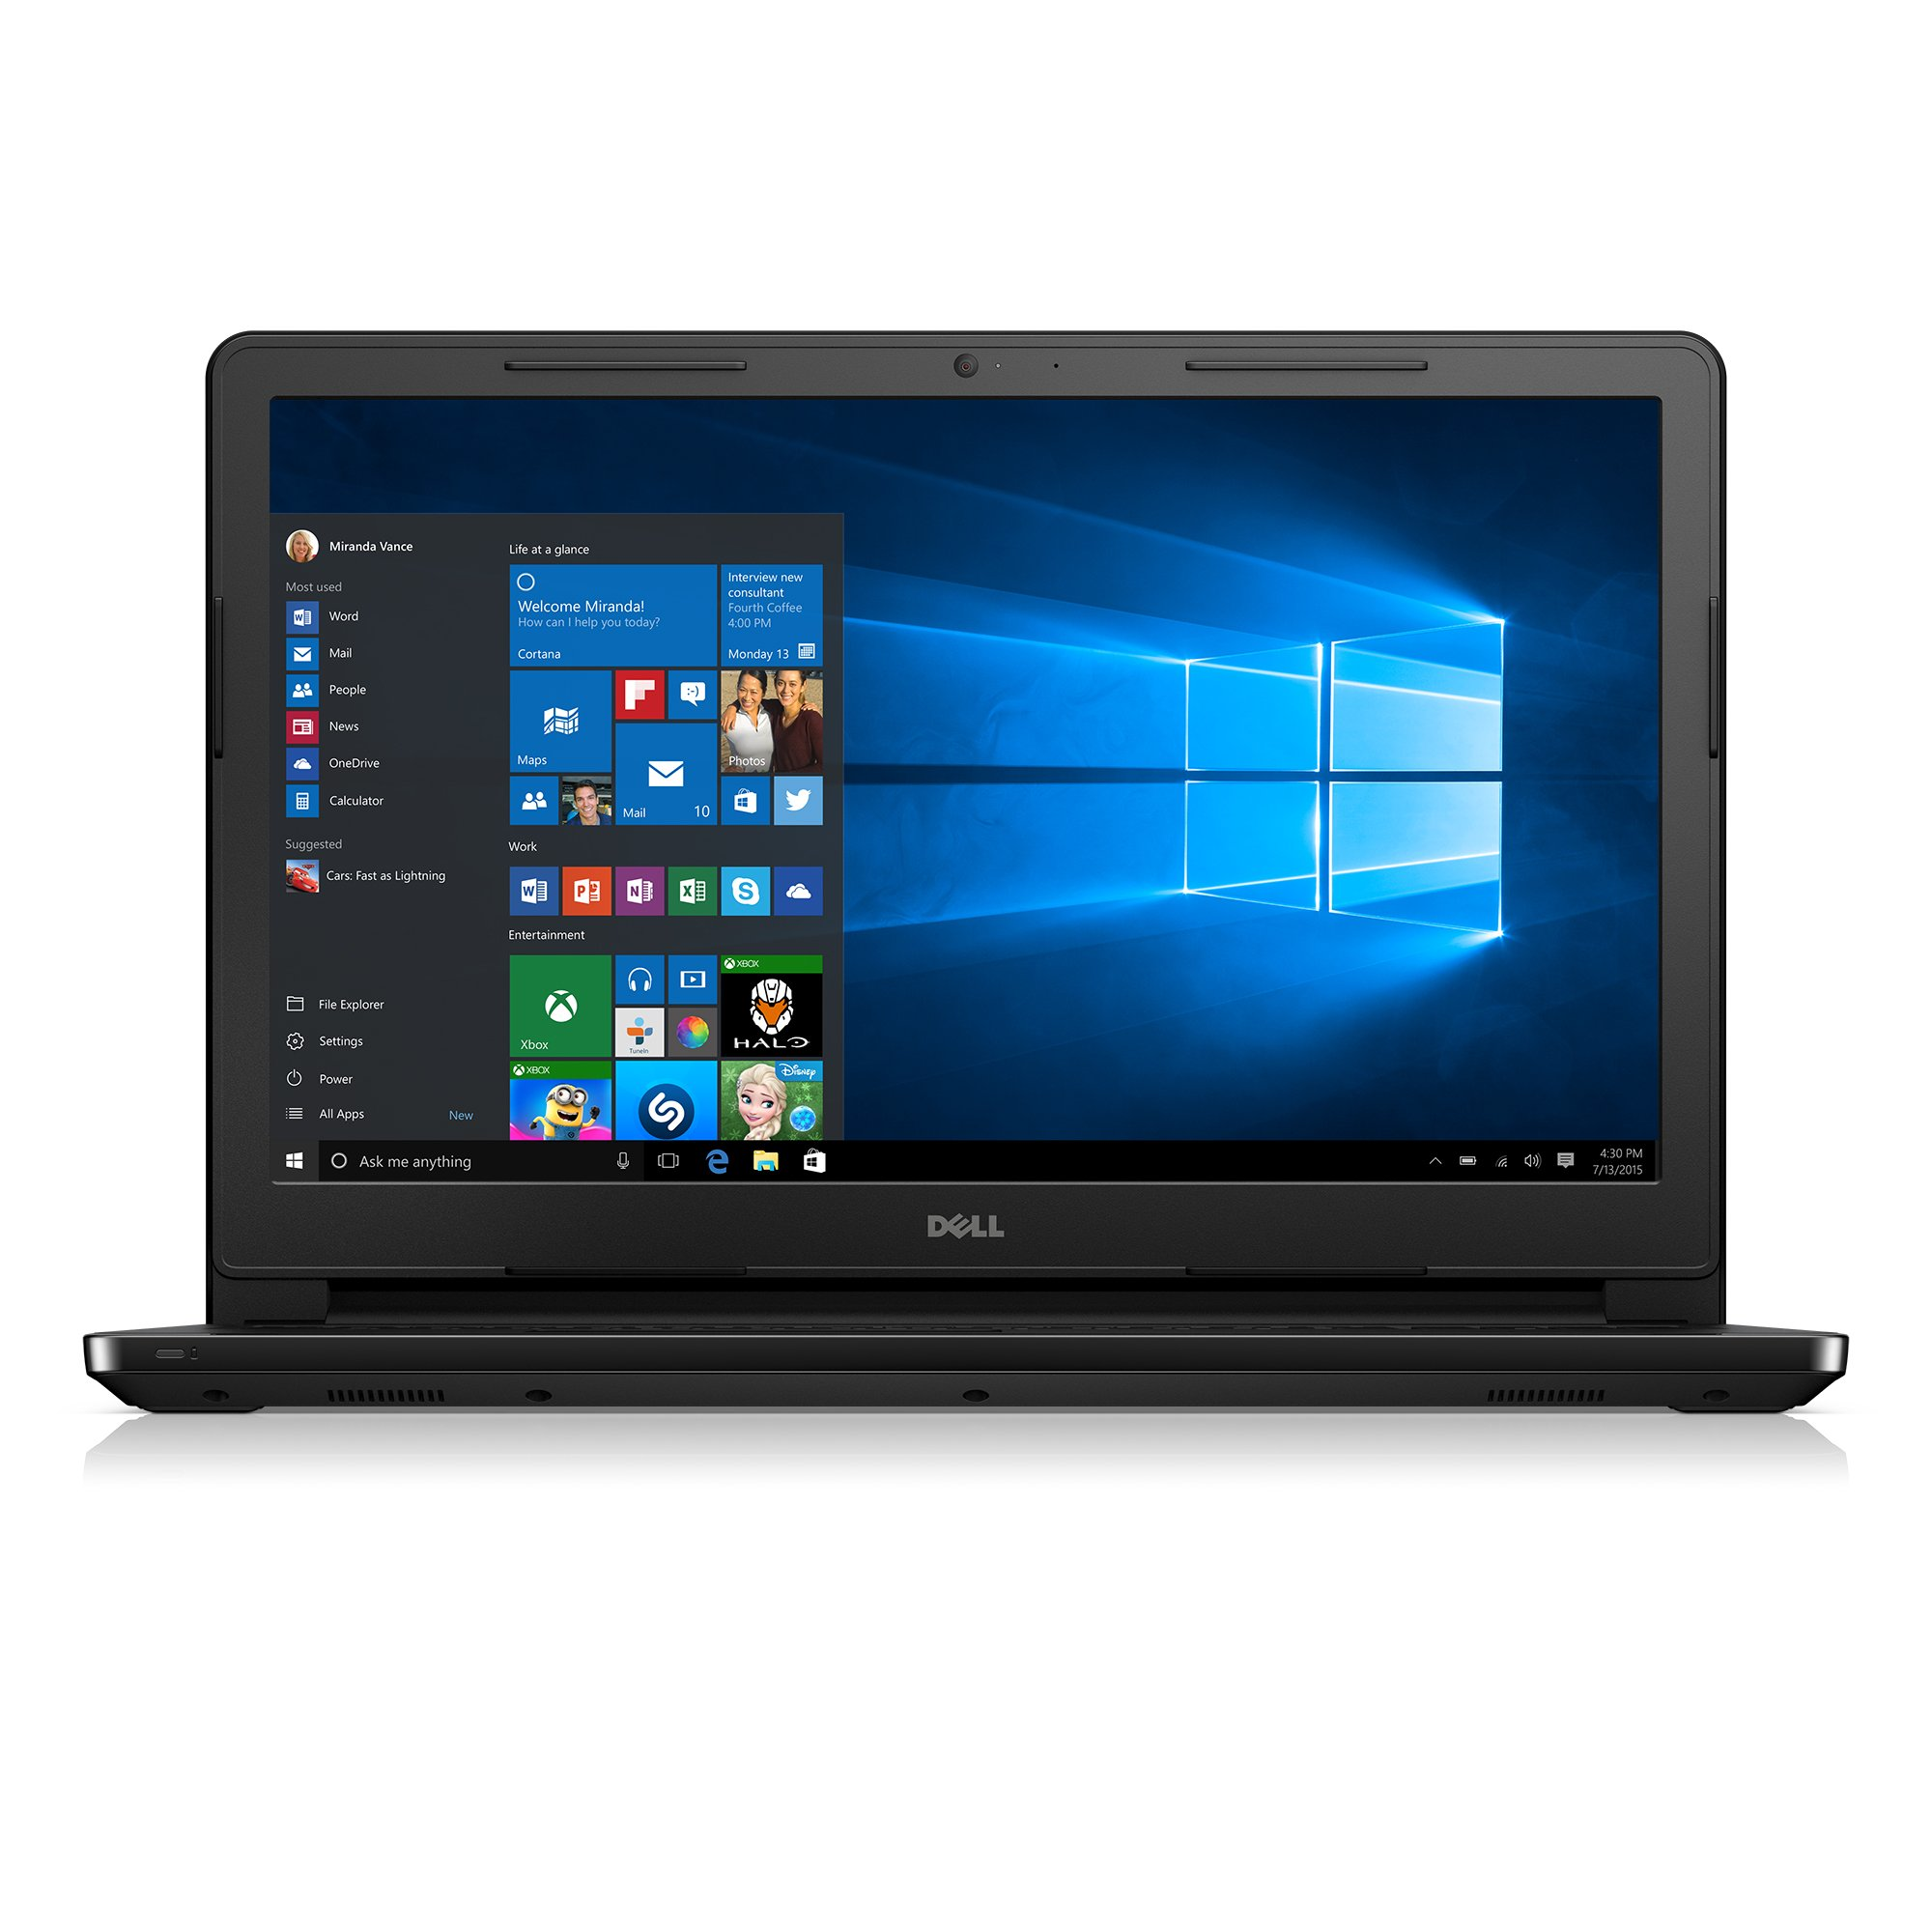 Dell Inspiron i3552-4042BLK - Ordenador portátil de 15,6 pulgadas (Intel Celeron, 4 GB de RAM, 500 GB de disco duro, negro) (teclado y conector de EE. UU.): Amazon.es: Informática